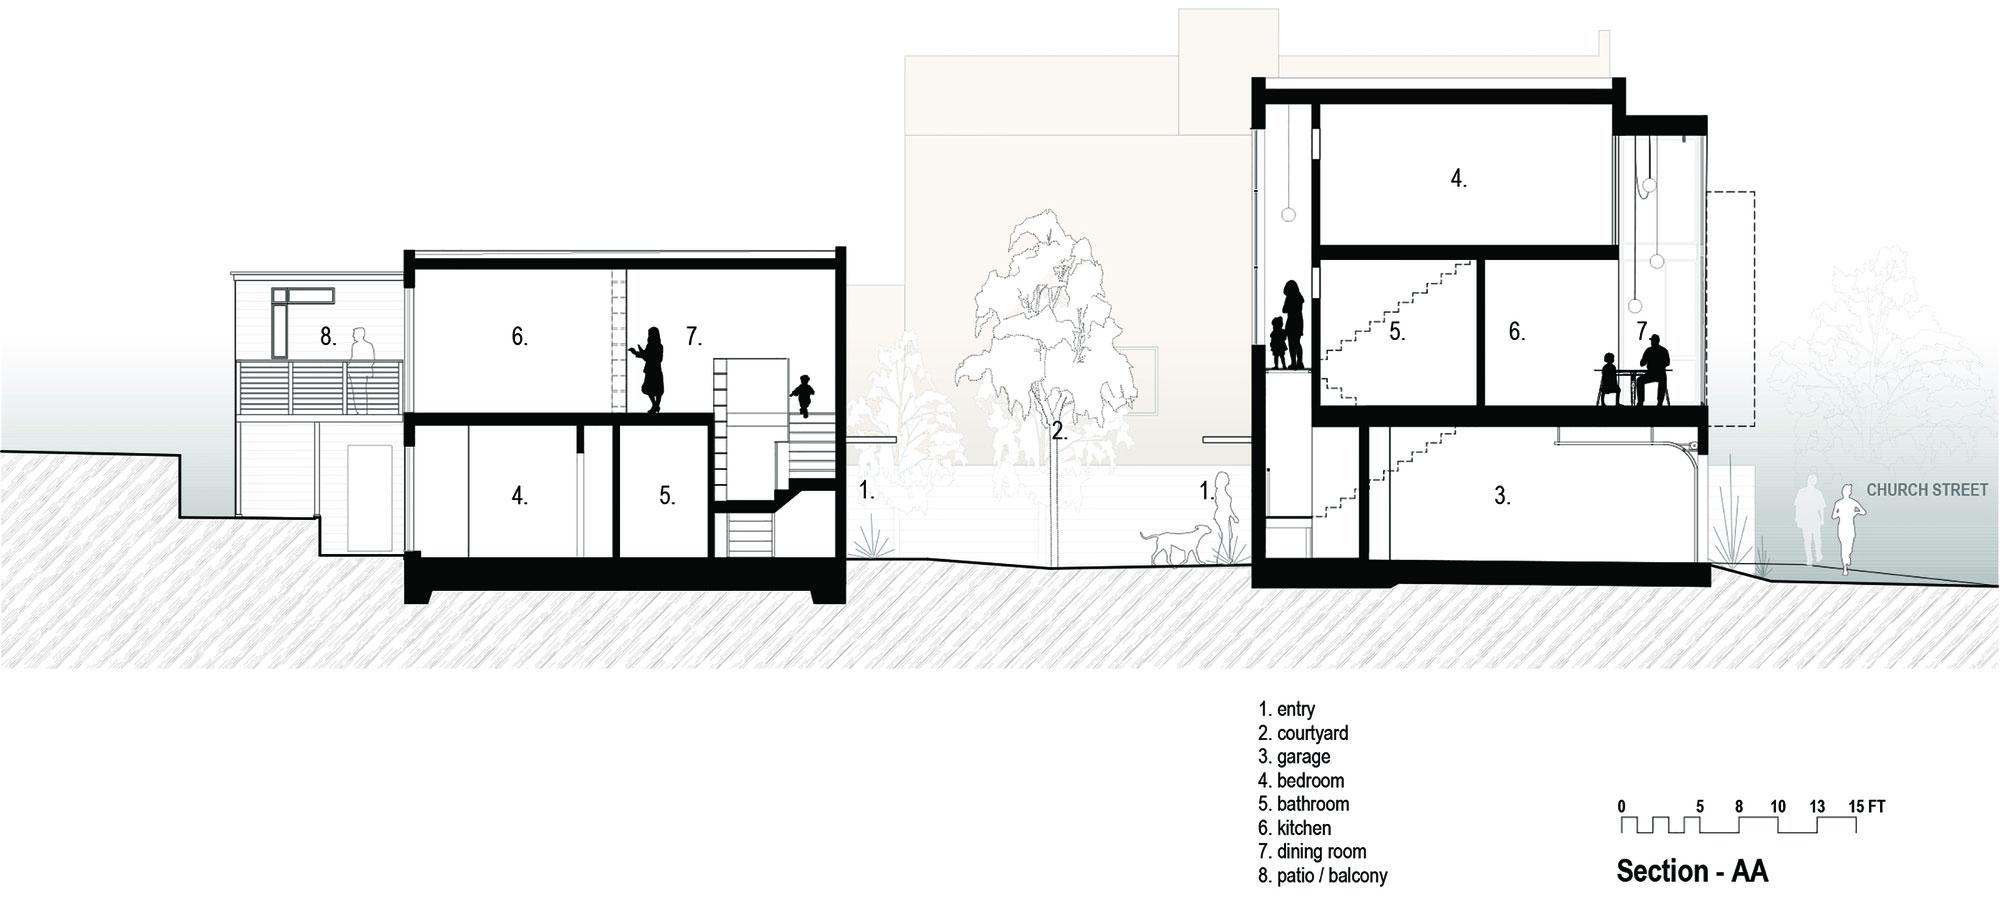 Bright and Elegant Interior Design of Steelhouse 1 plus 2 by Zack de Vito Architecture-19